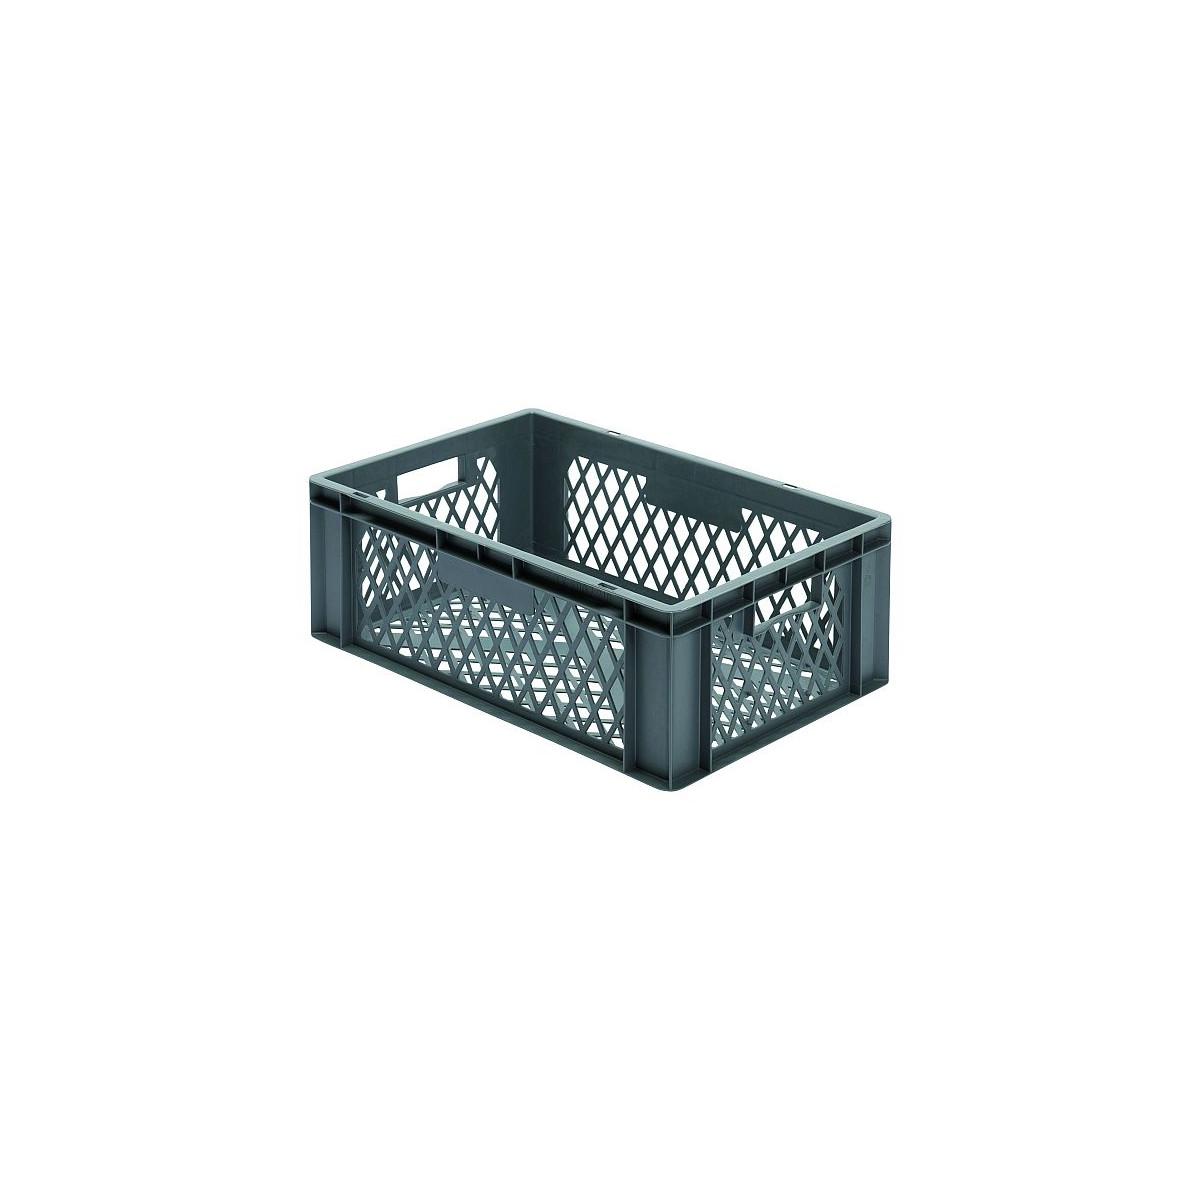 transport stapelkasten tk 600 210 2 grau 600x400x210 mm lxbxh w 13 90. Black Bedroom Furniture Sets. Home Design Ideas